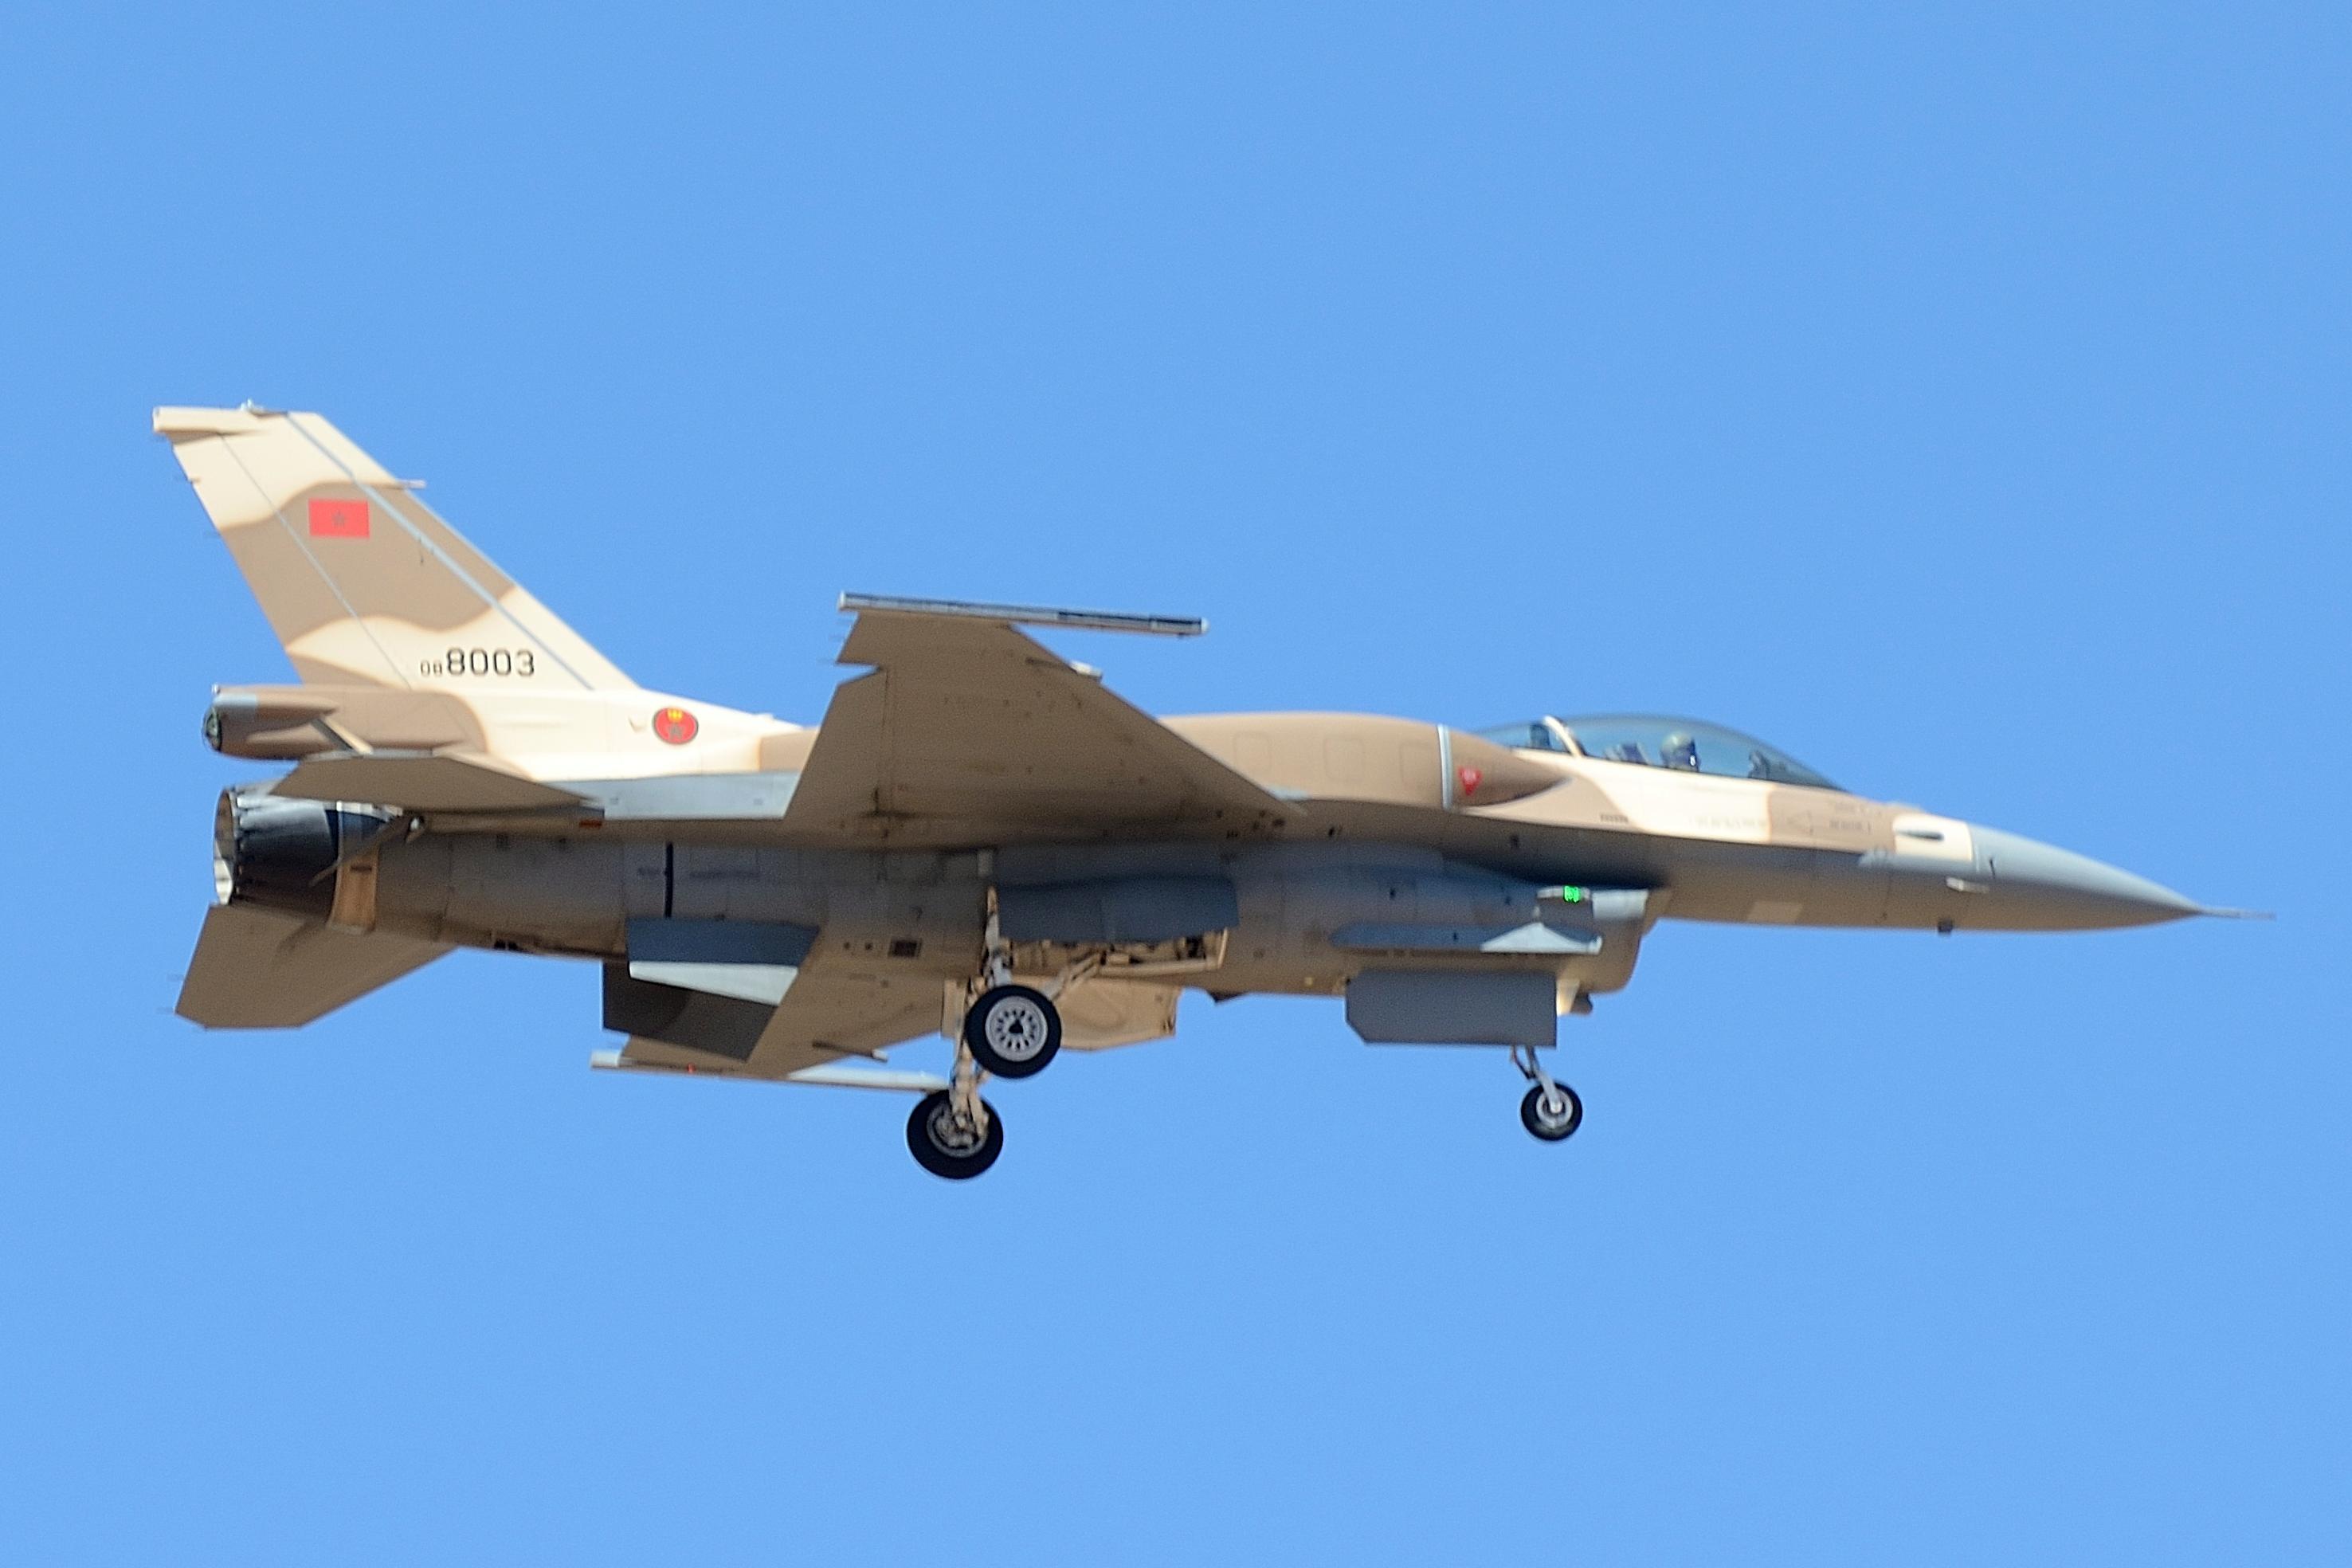 Moroccan F-16 Atlas Falcon / RMAF F16 block 52+ - Page 31 32400029772_1ef468d971_o